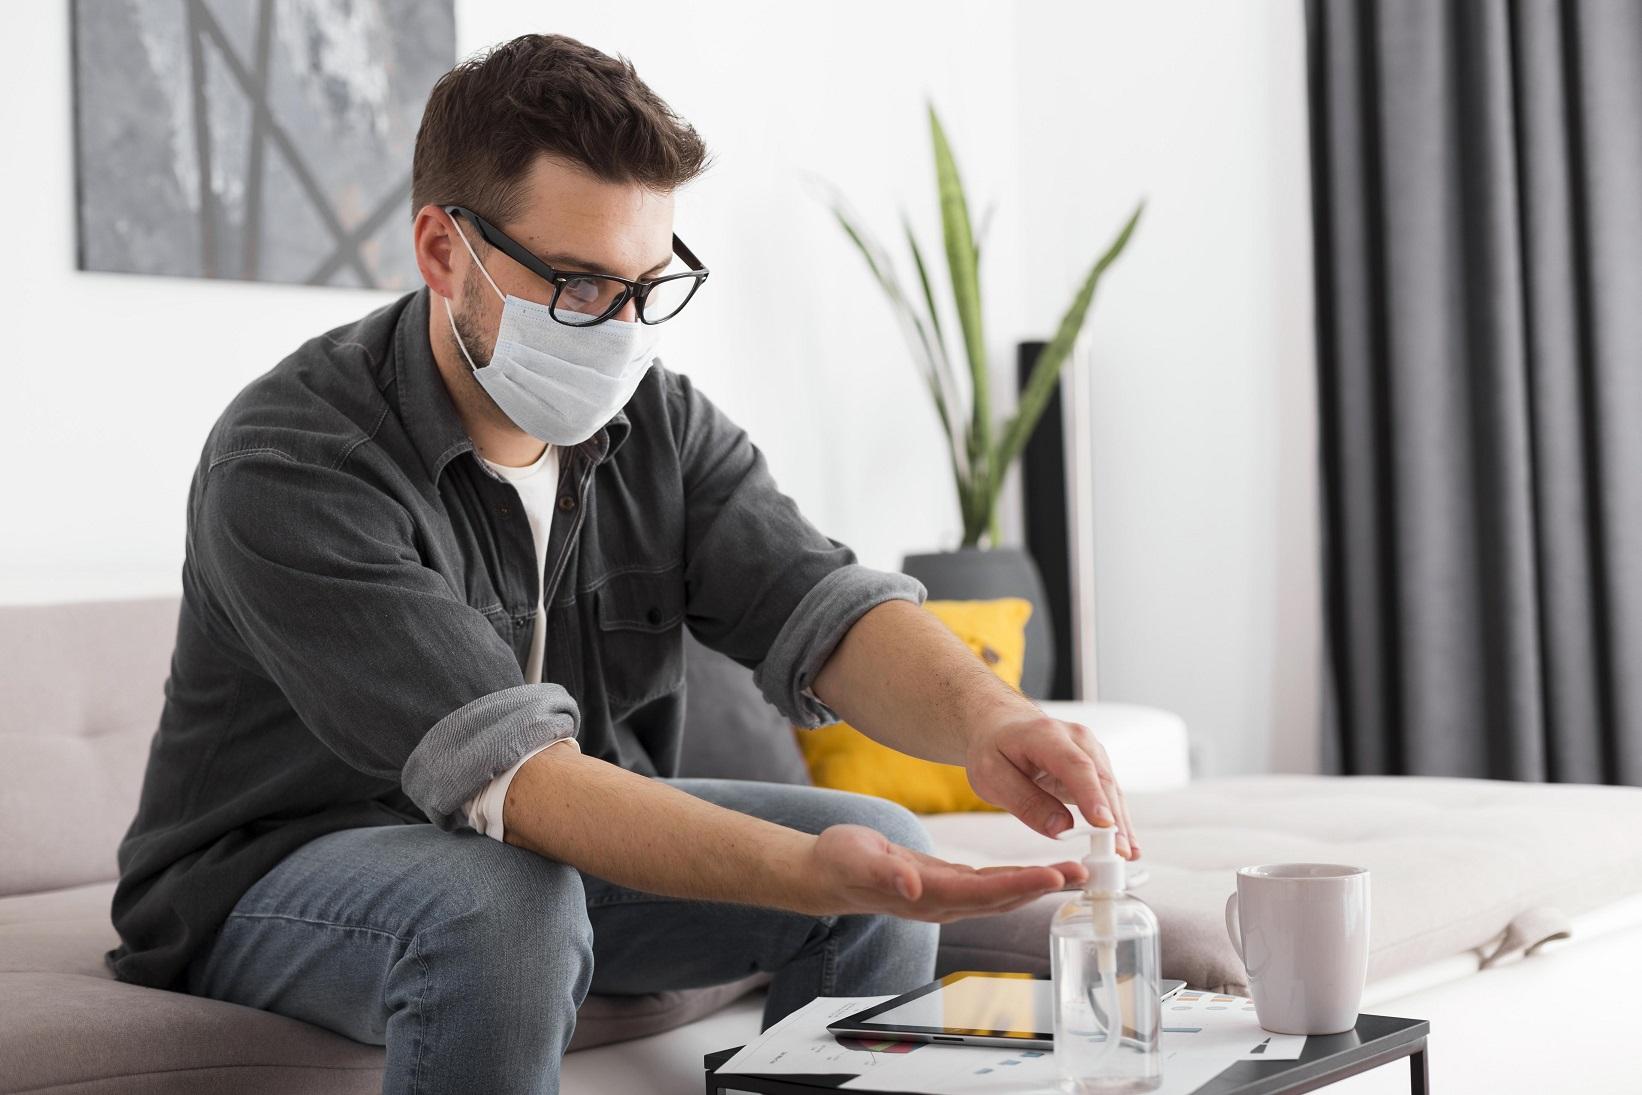 (P) Ce garanții trebuie să ofere clienților un producător de dezinfectanți?